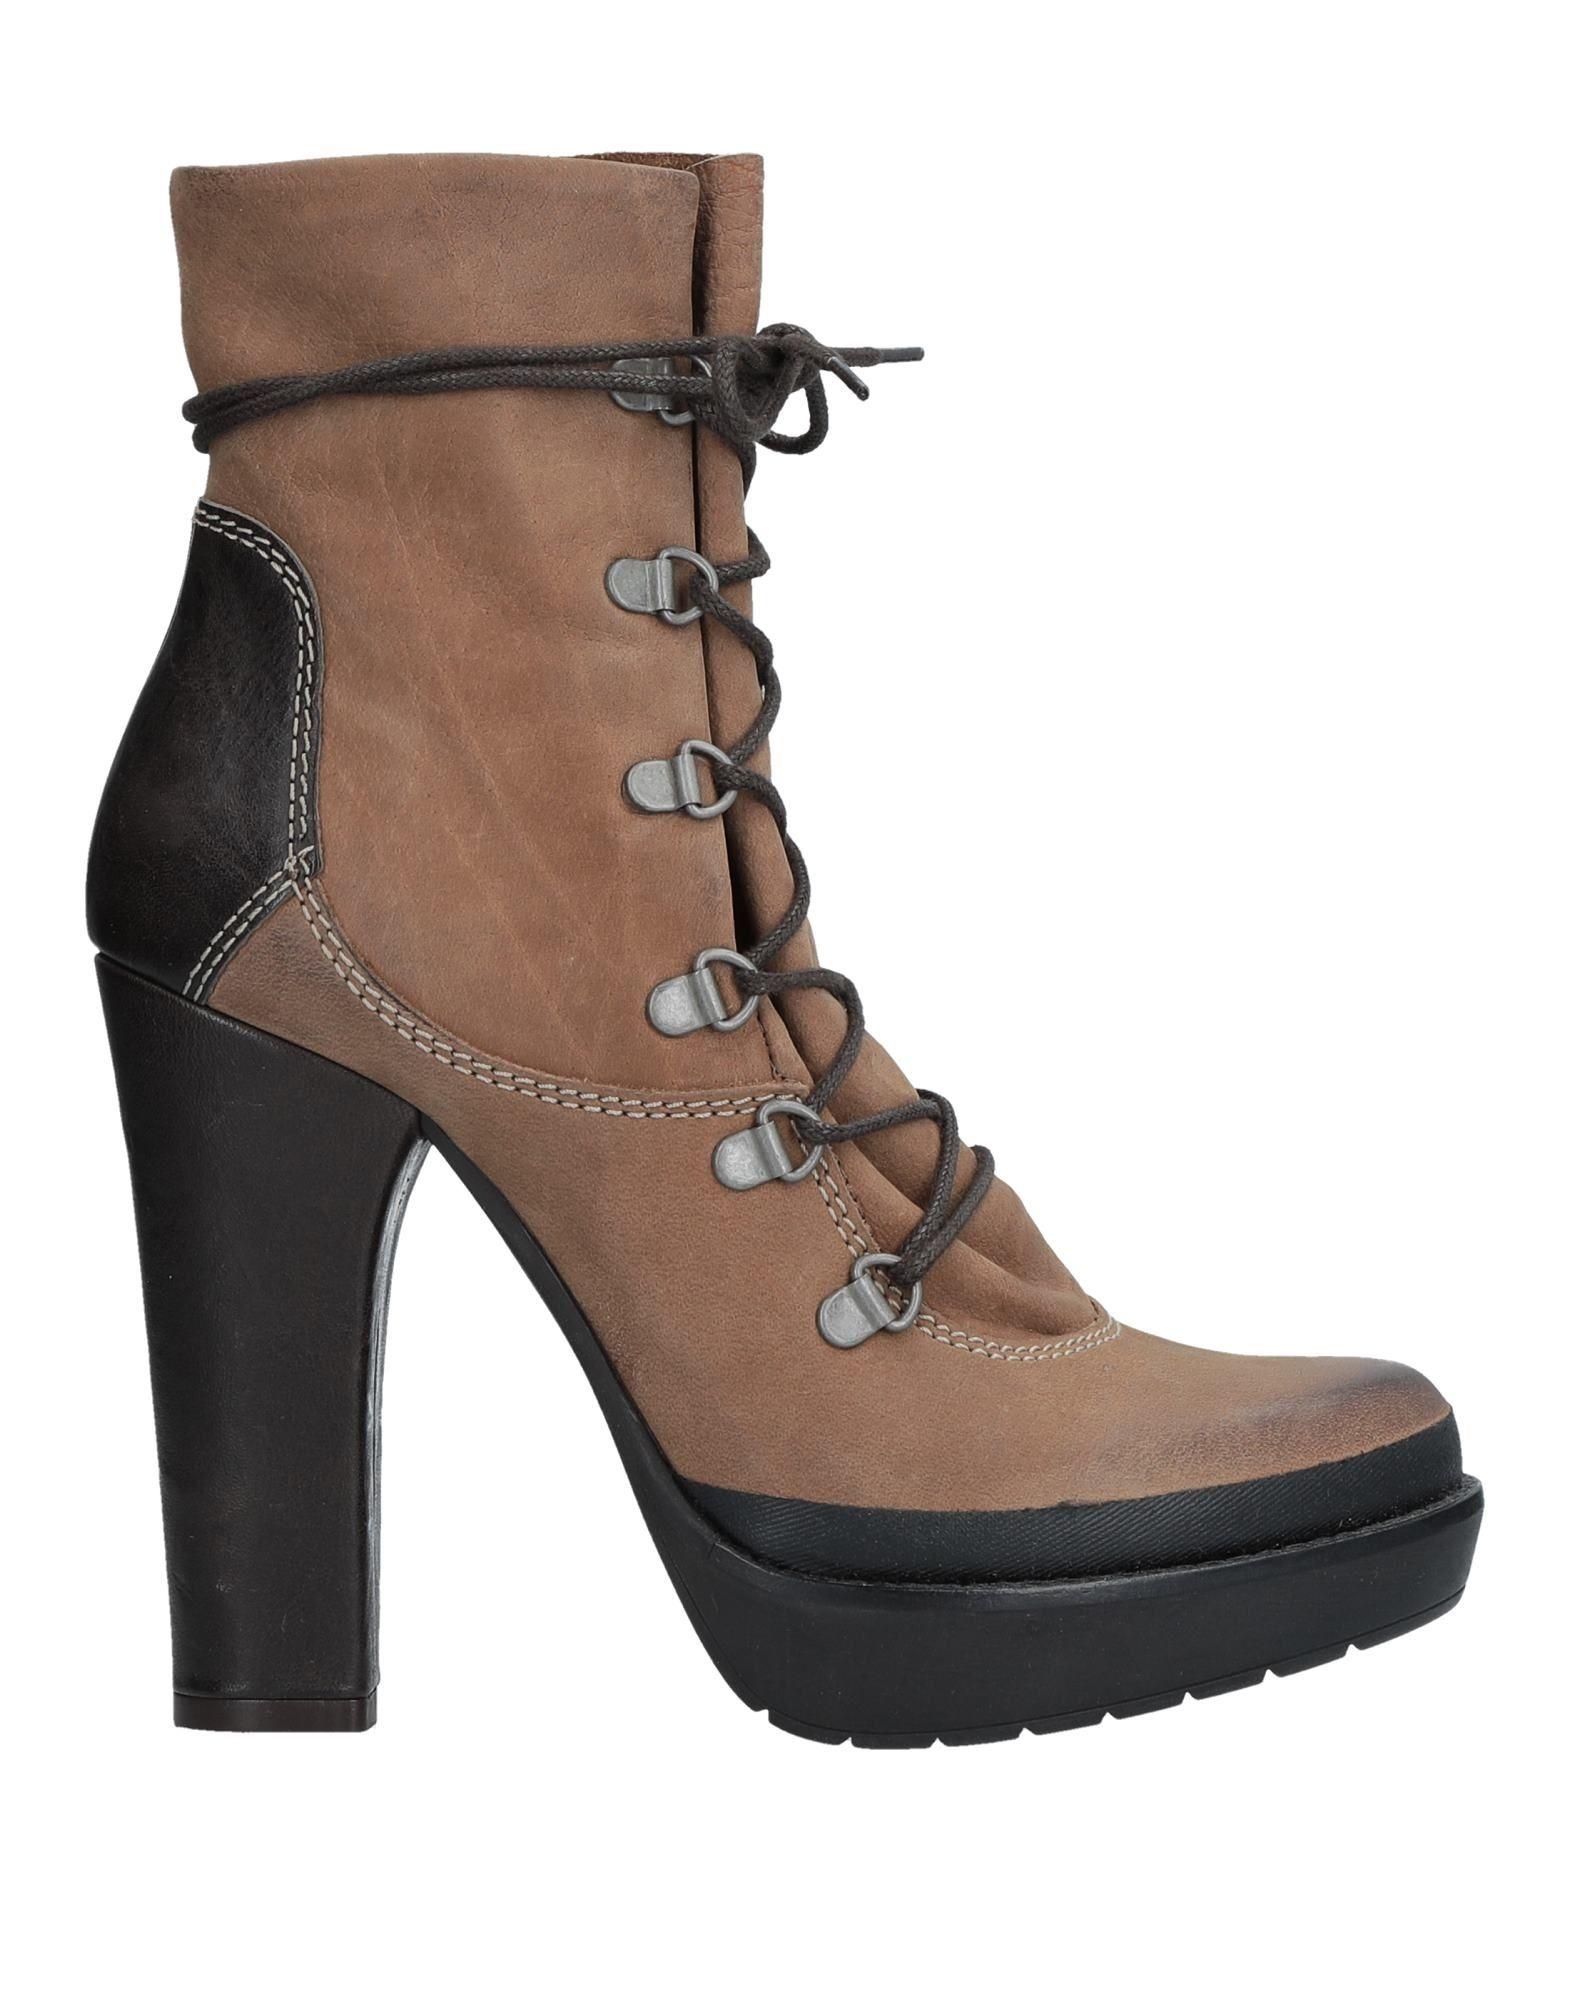 Catarina Martins Stiefelette Damen  11539202TC Gute Qualität beliebte Schuhe